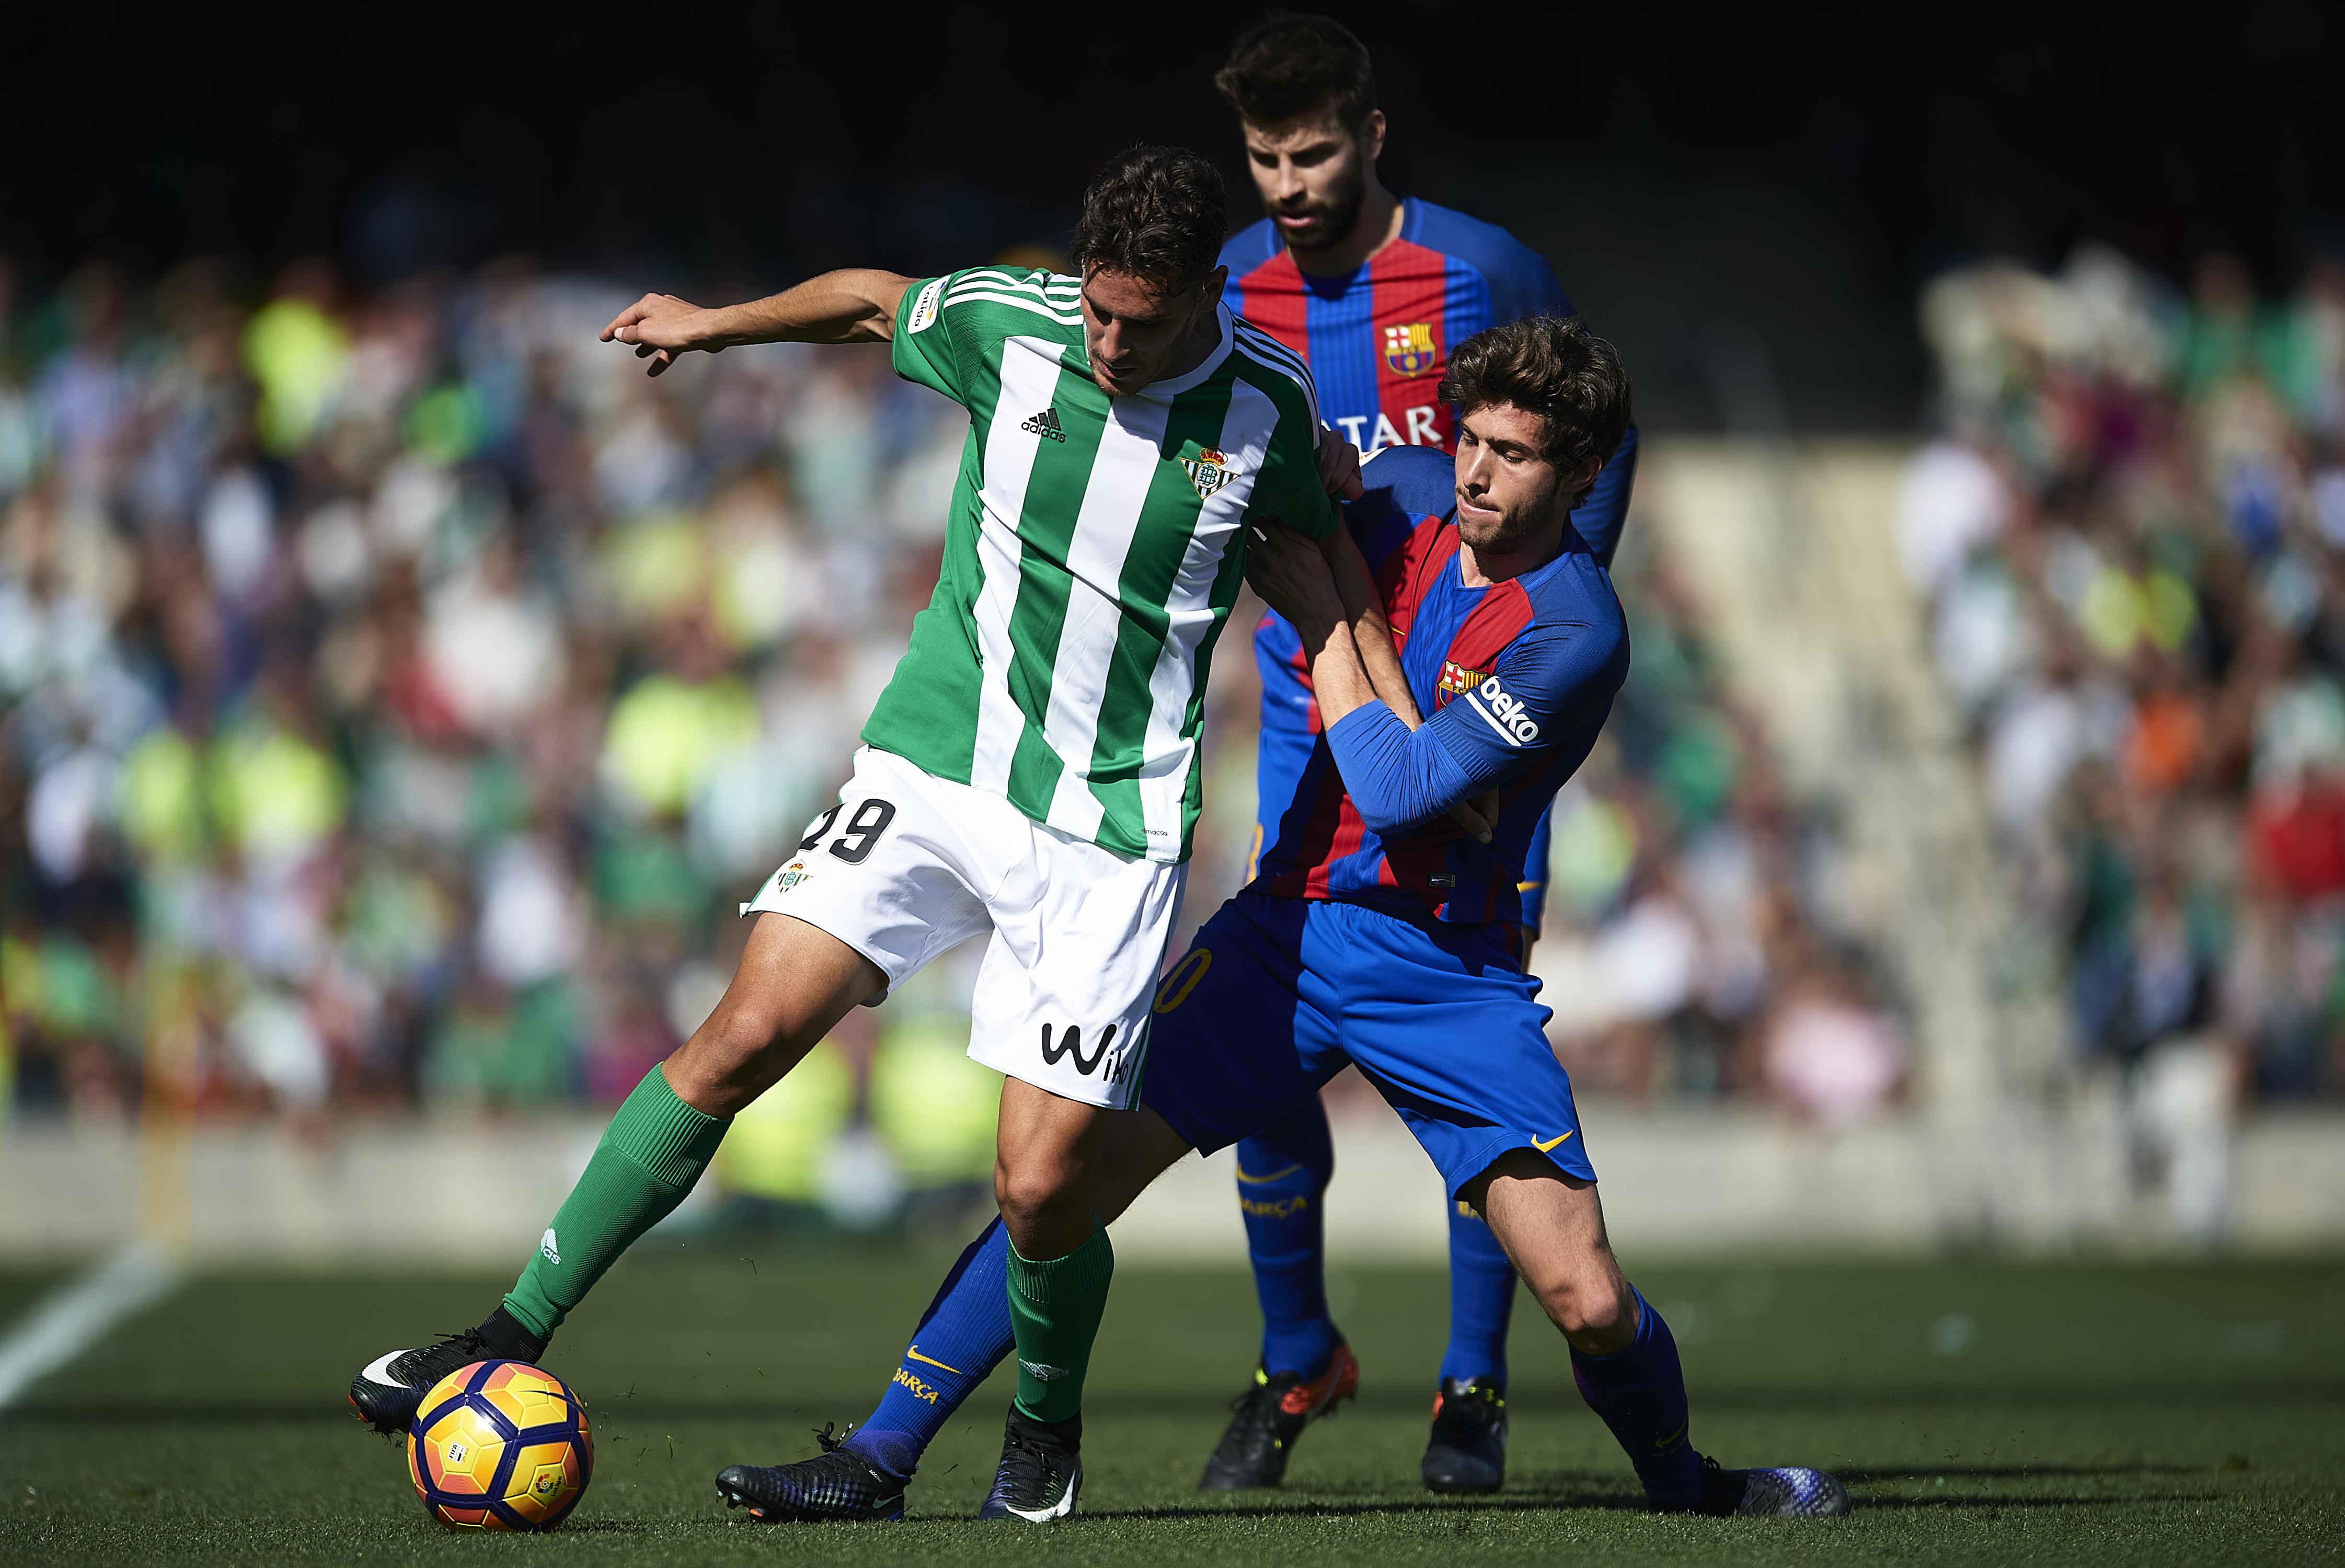 Бетис - Барселона 1:1